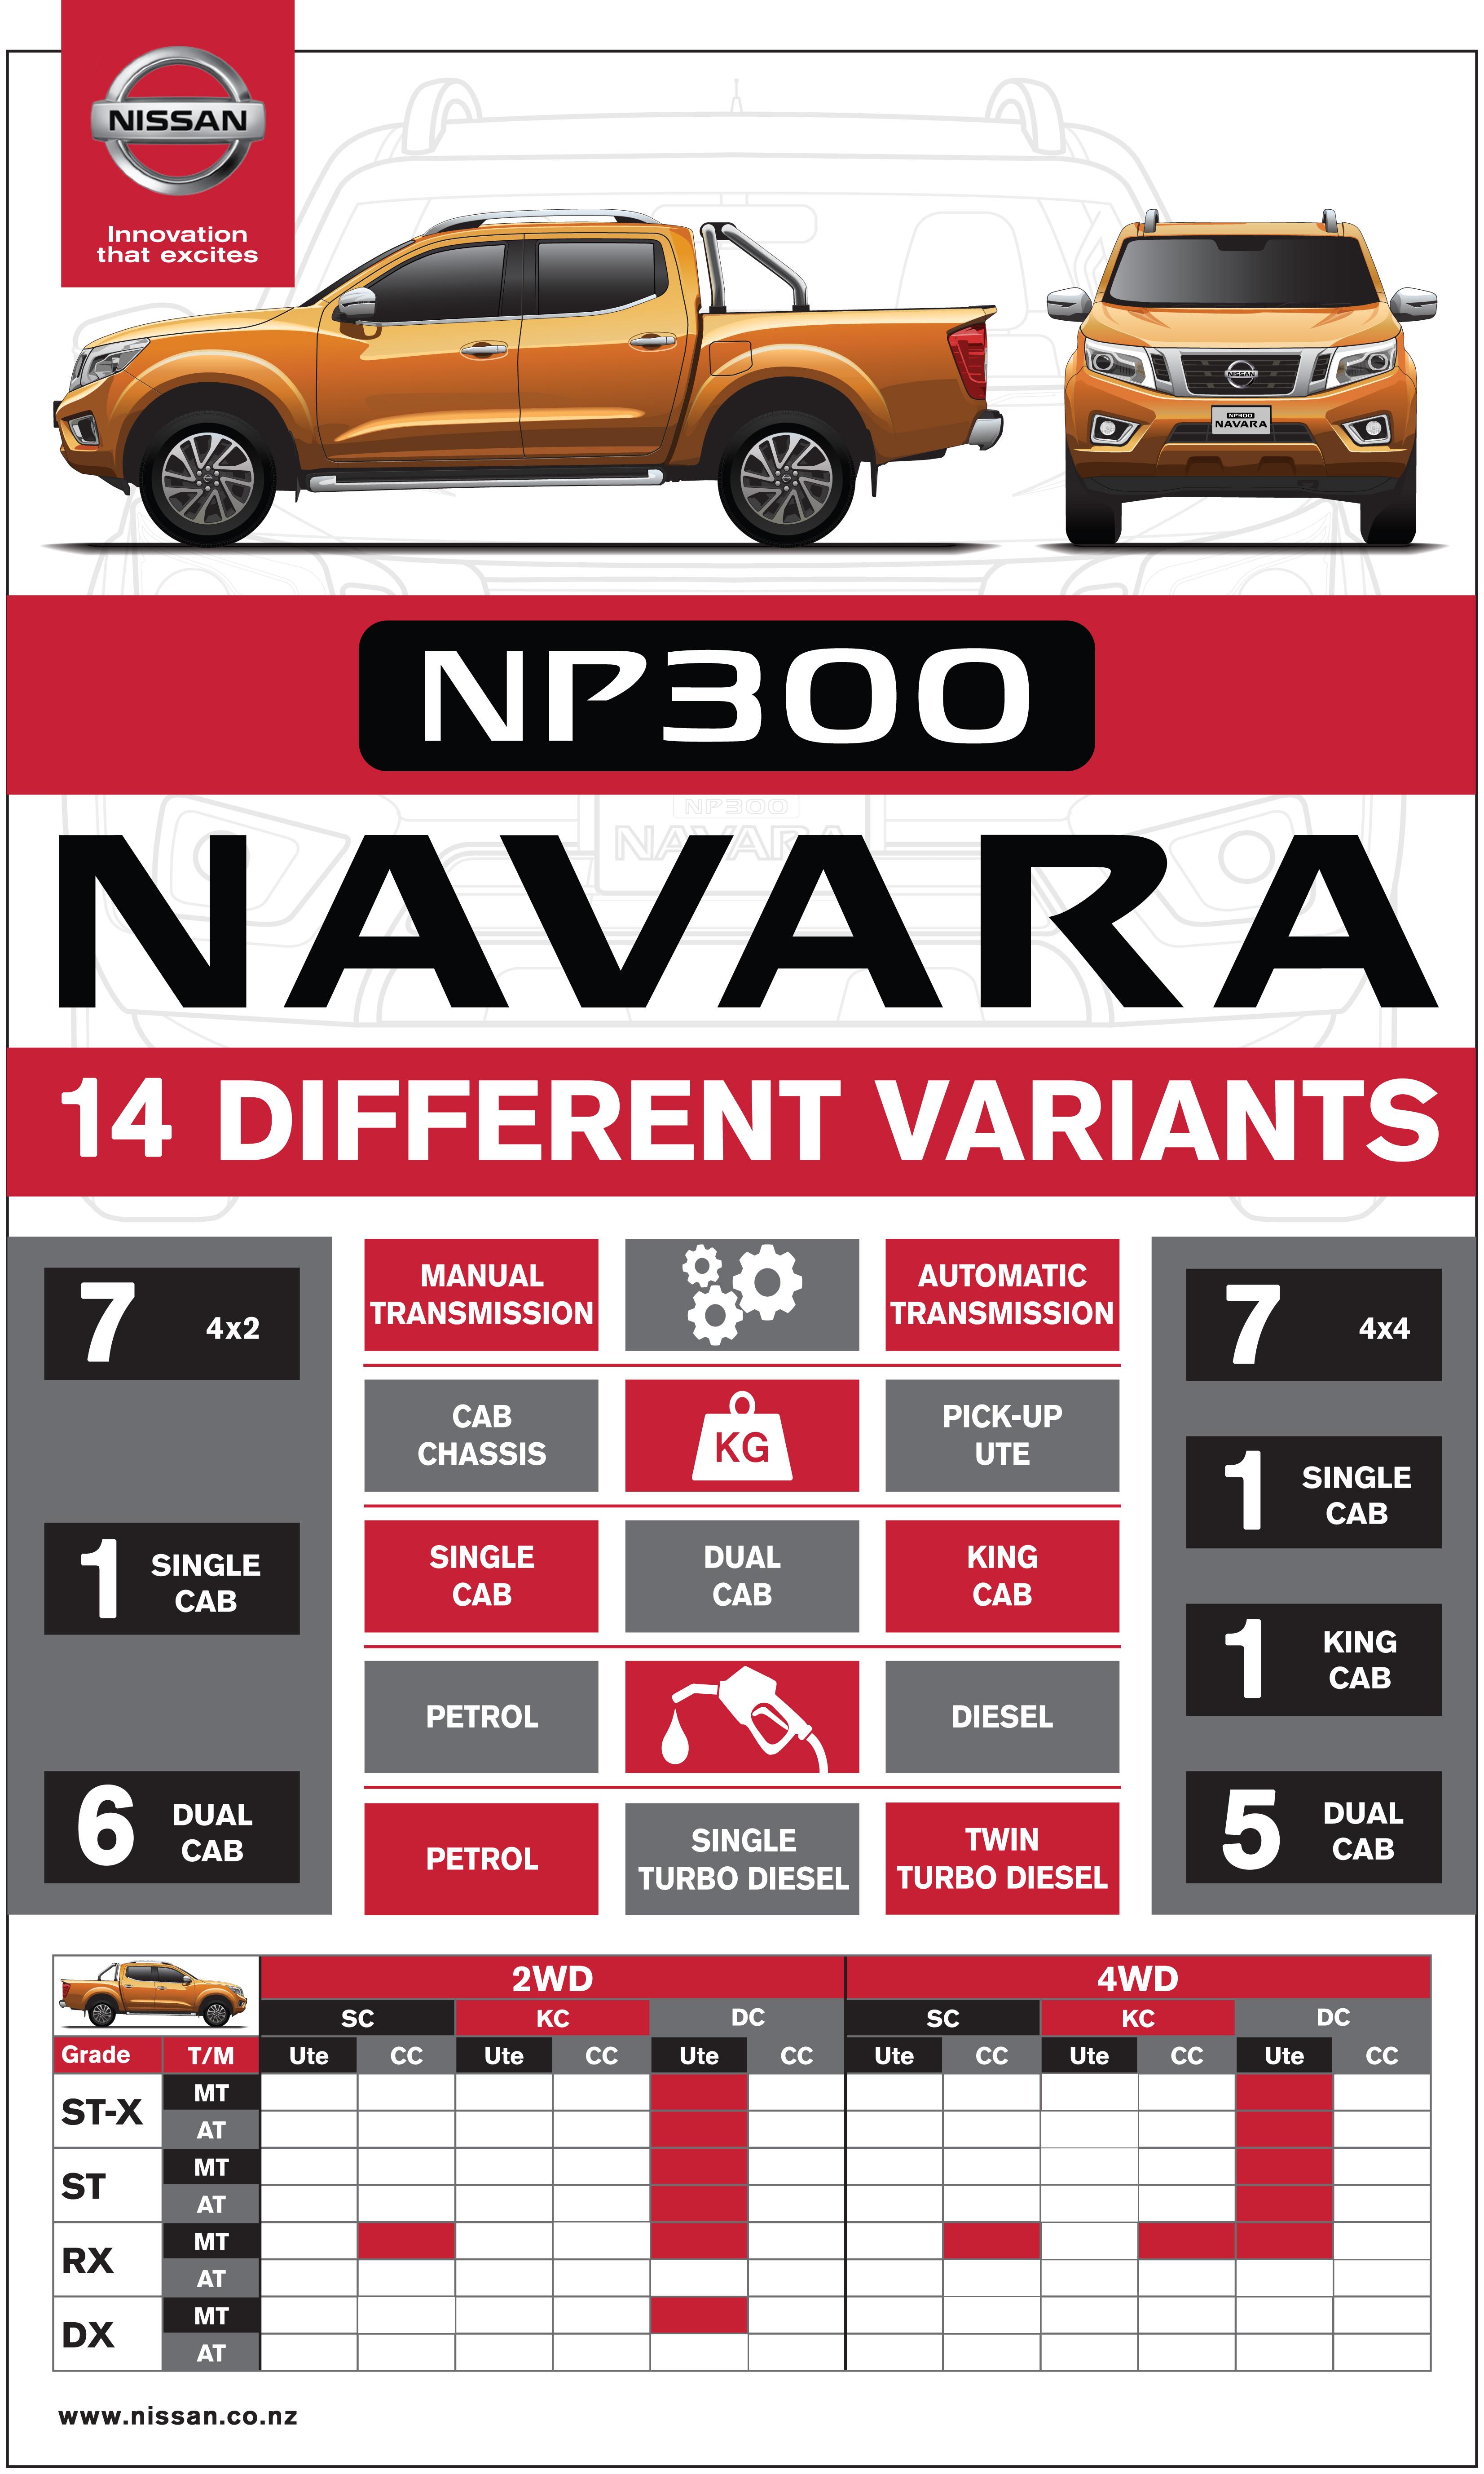 NAVARA_INFOGRAPHIC_6